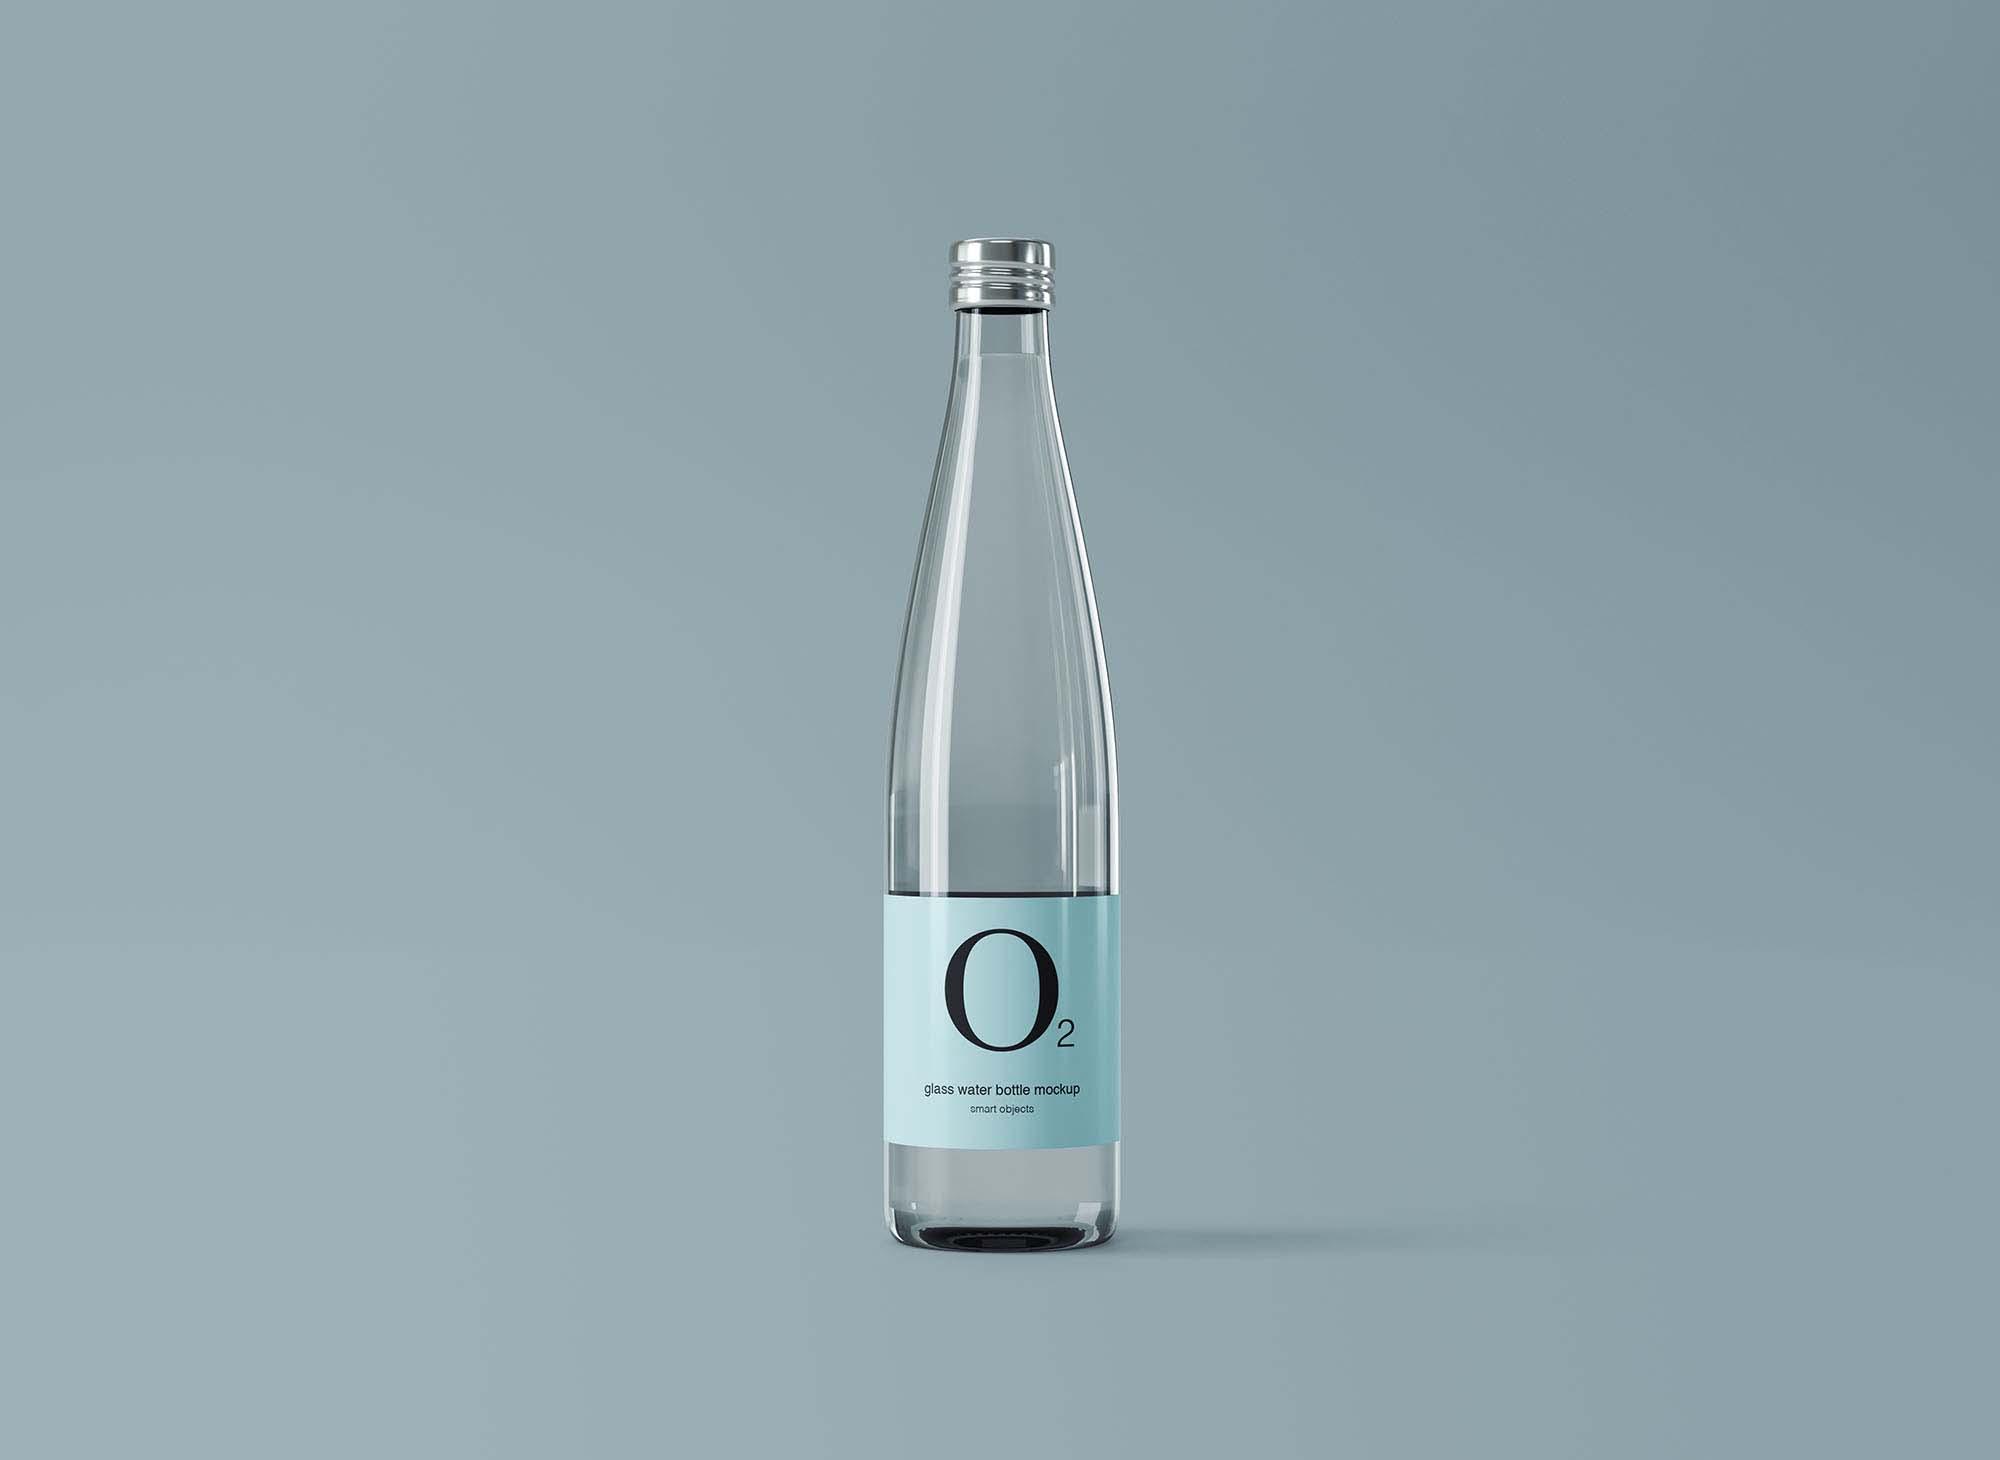 Glass Water Bottle Mockup